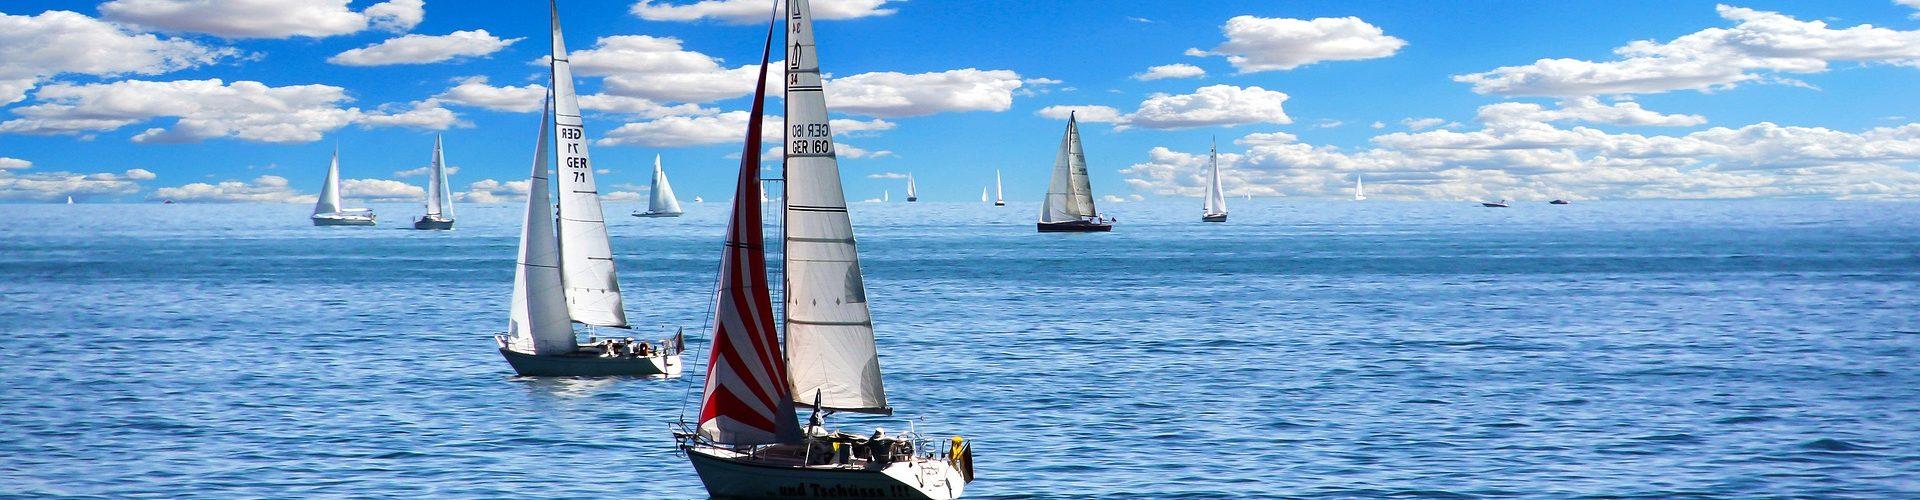 segeln lernen in Meerbusch segelschein machen in Meerbusch 1920x500 - Segeln lernen in Meerbusch